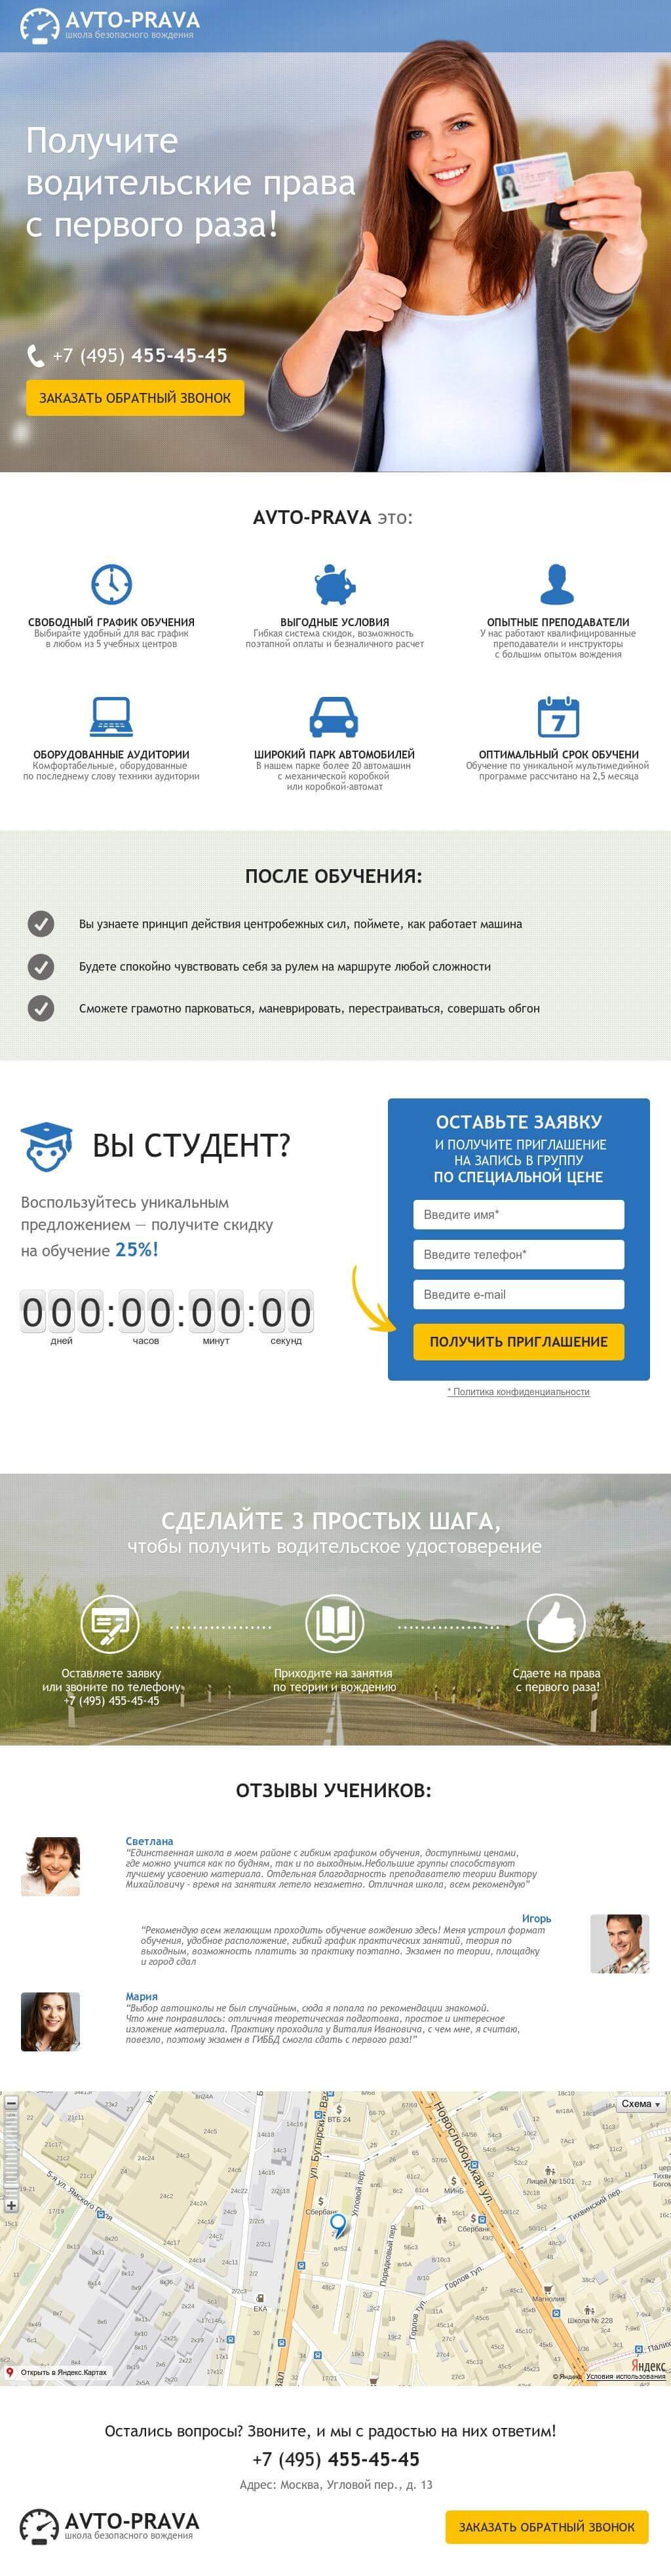 avtoshkola